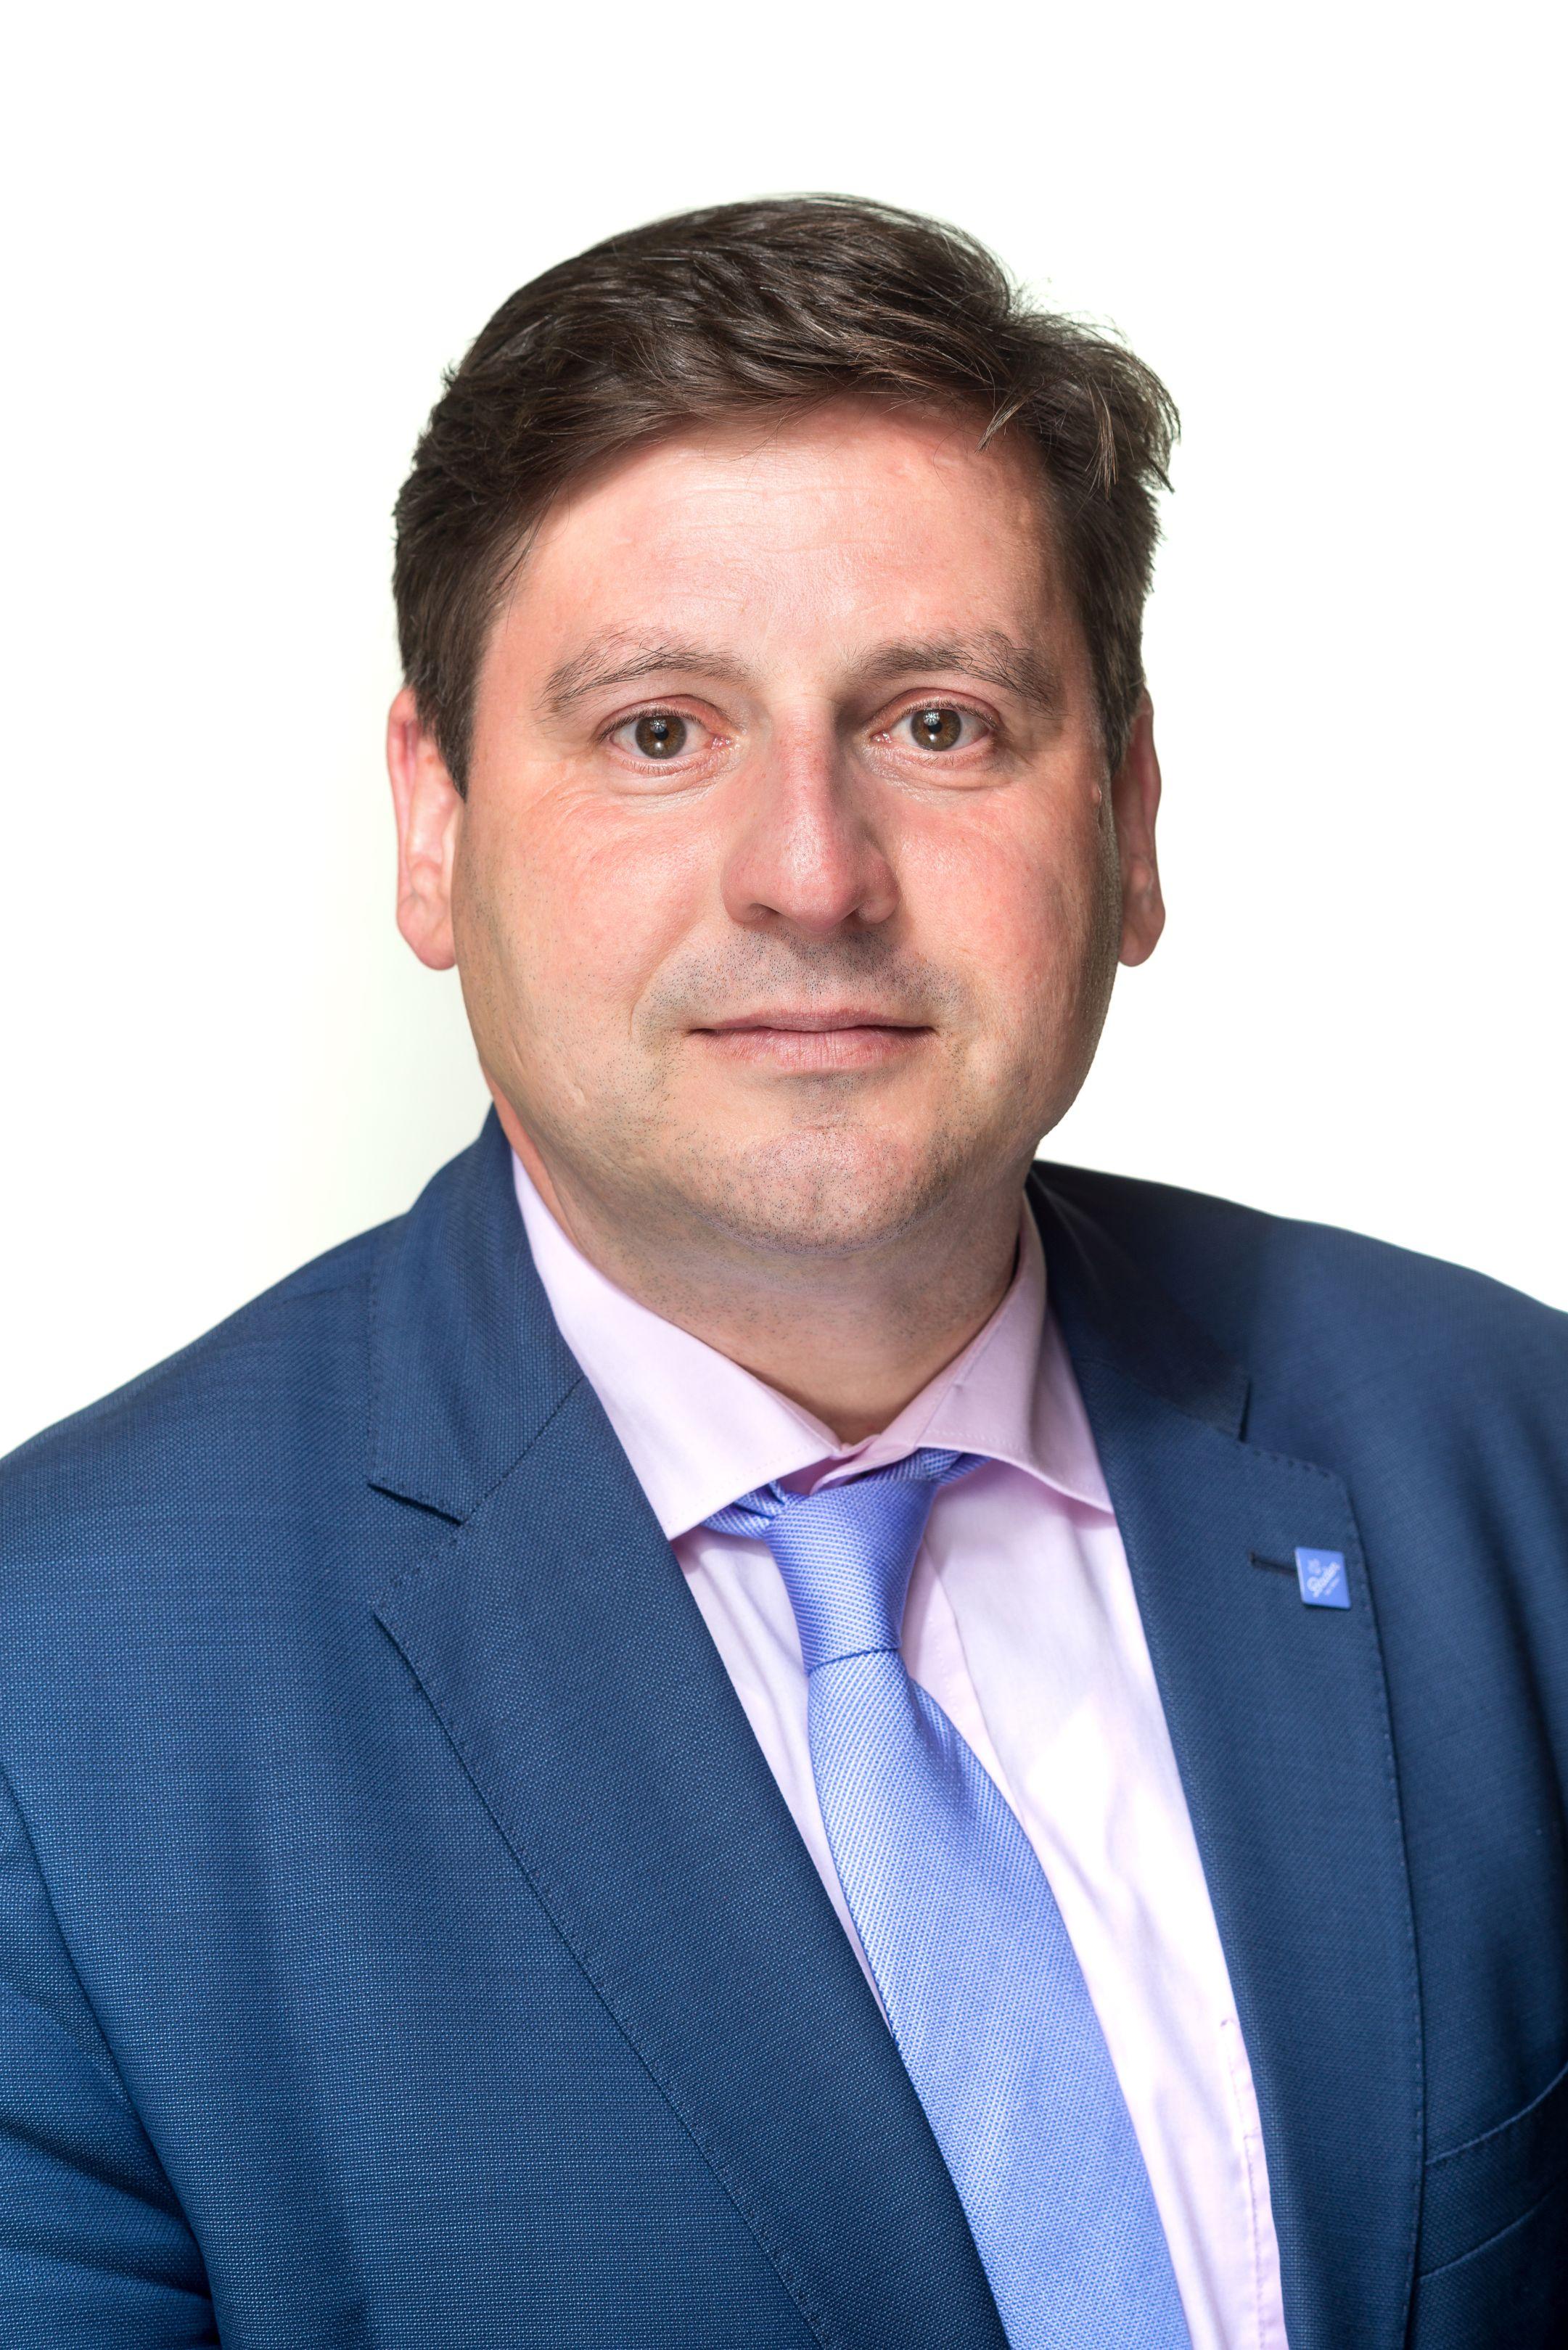 Stefan Szirucsek